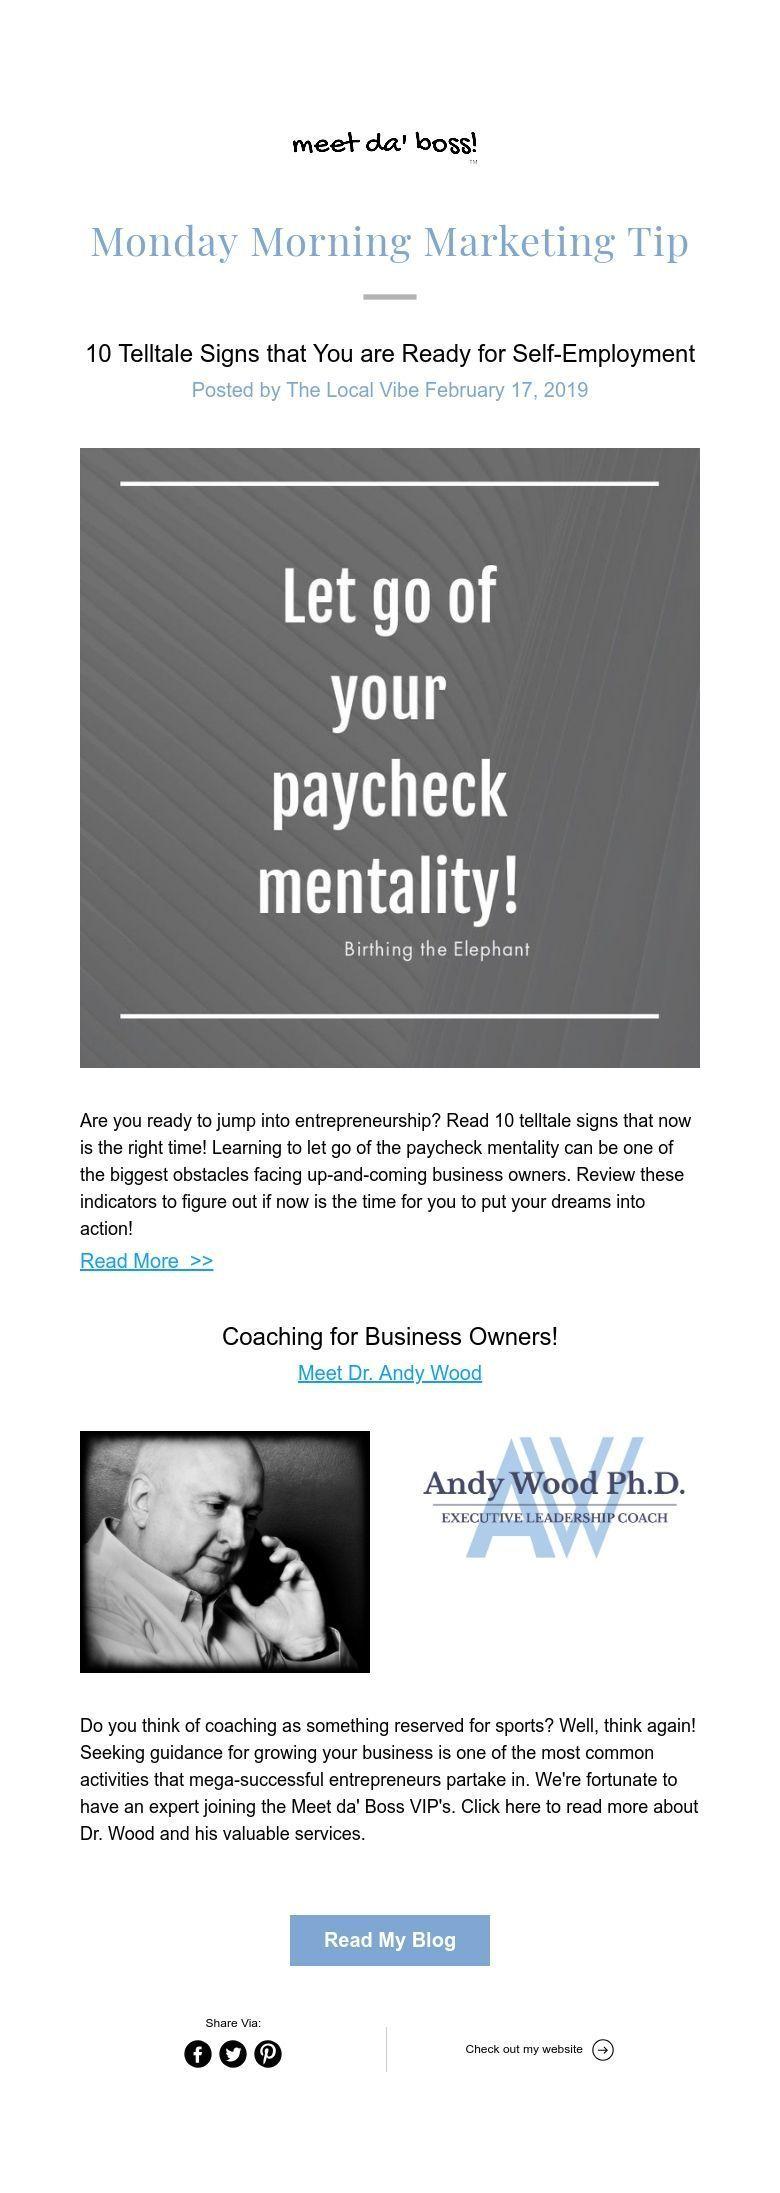 Marketing tips by Meet da Boss on BlogMeet da' Boss